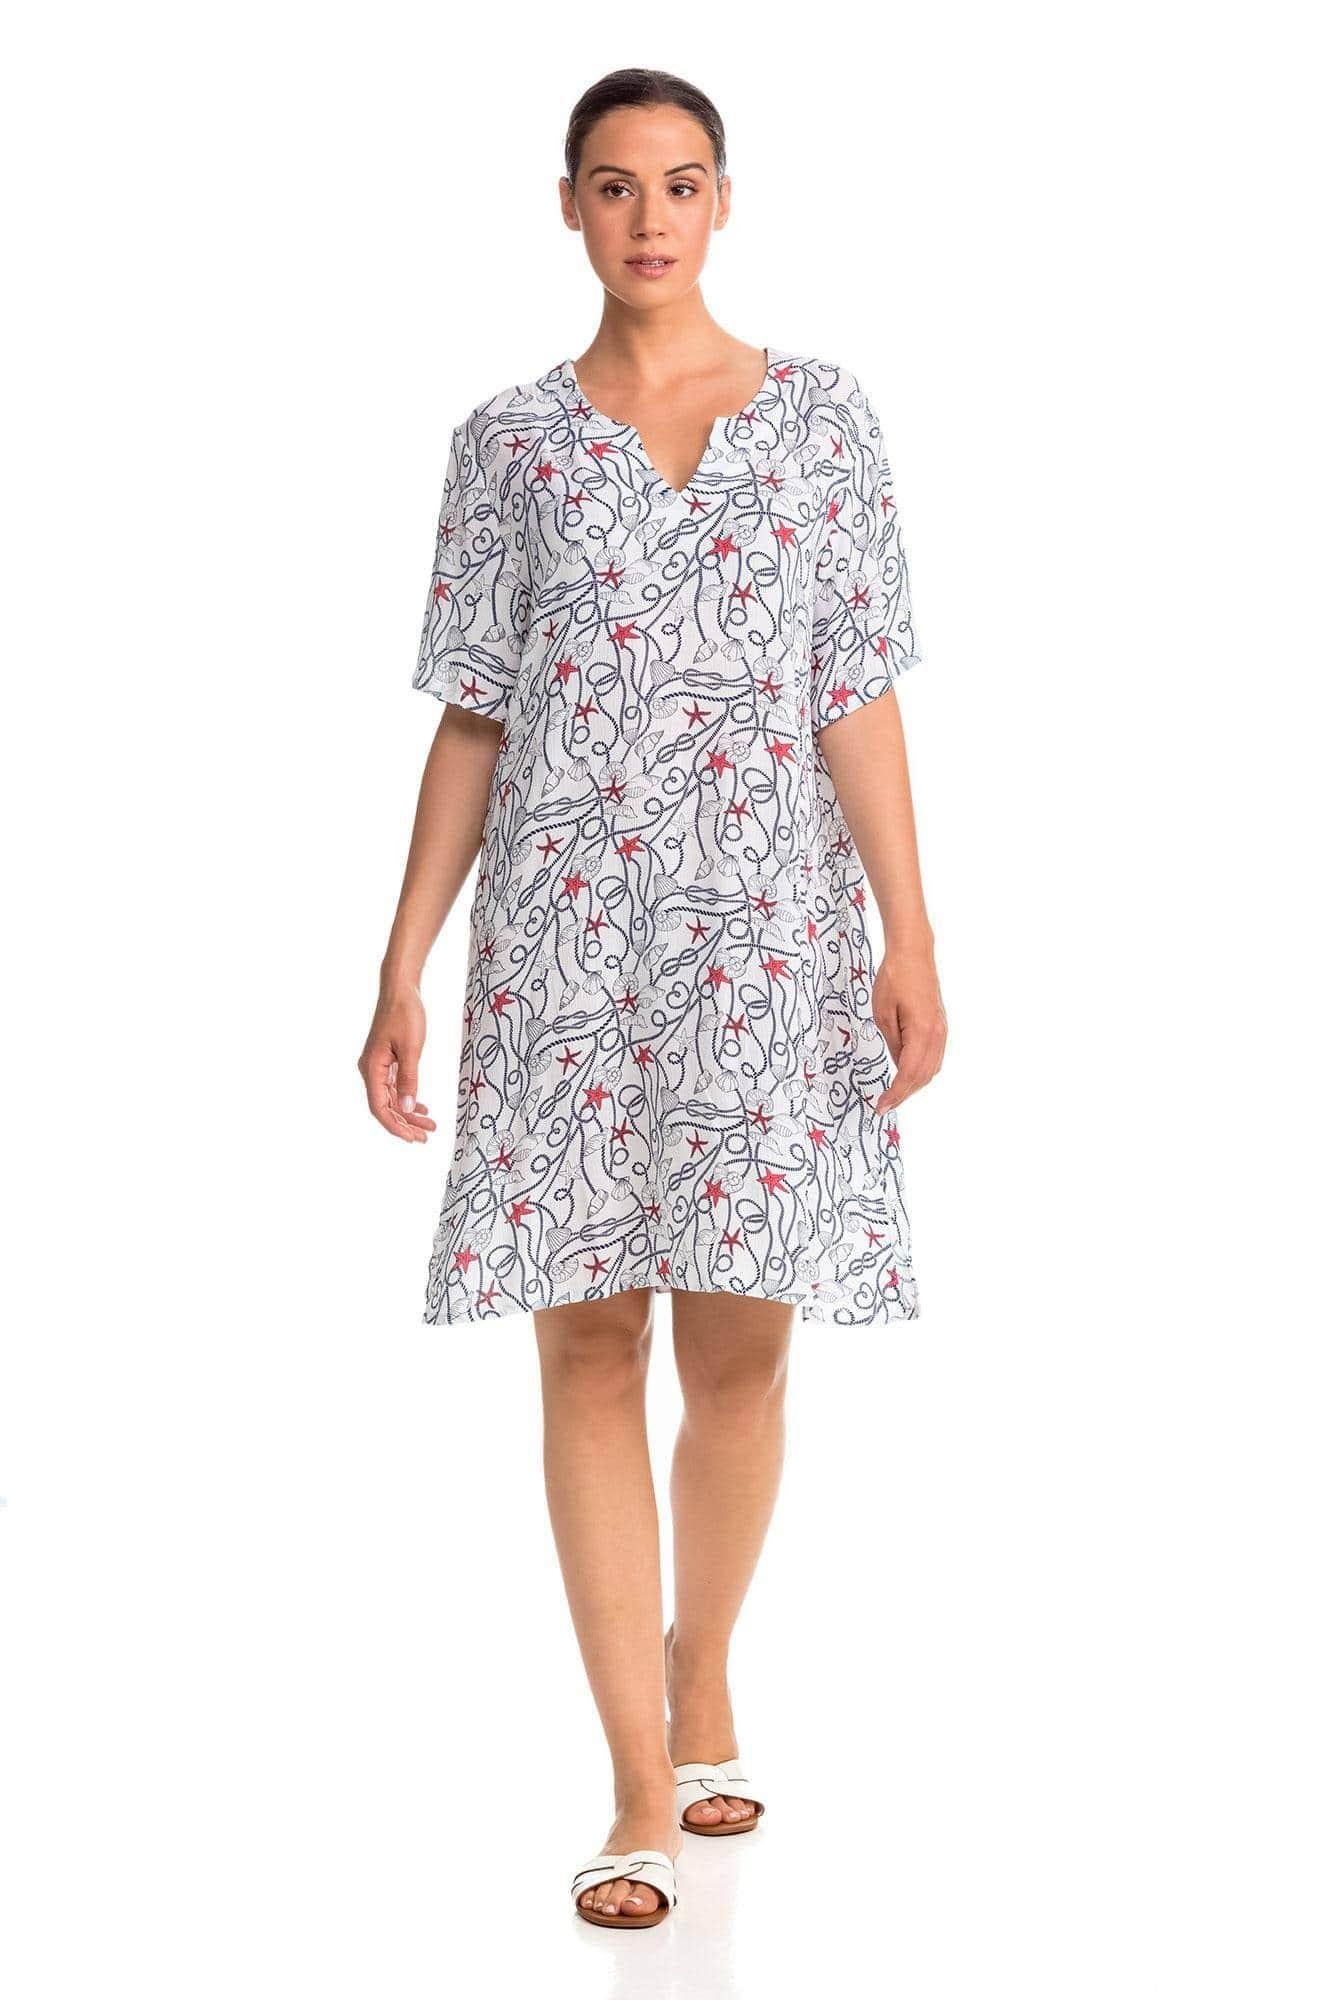 Κοντομάνικο Φόρεμα Παραλίας Marine